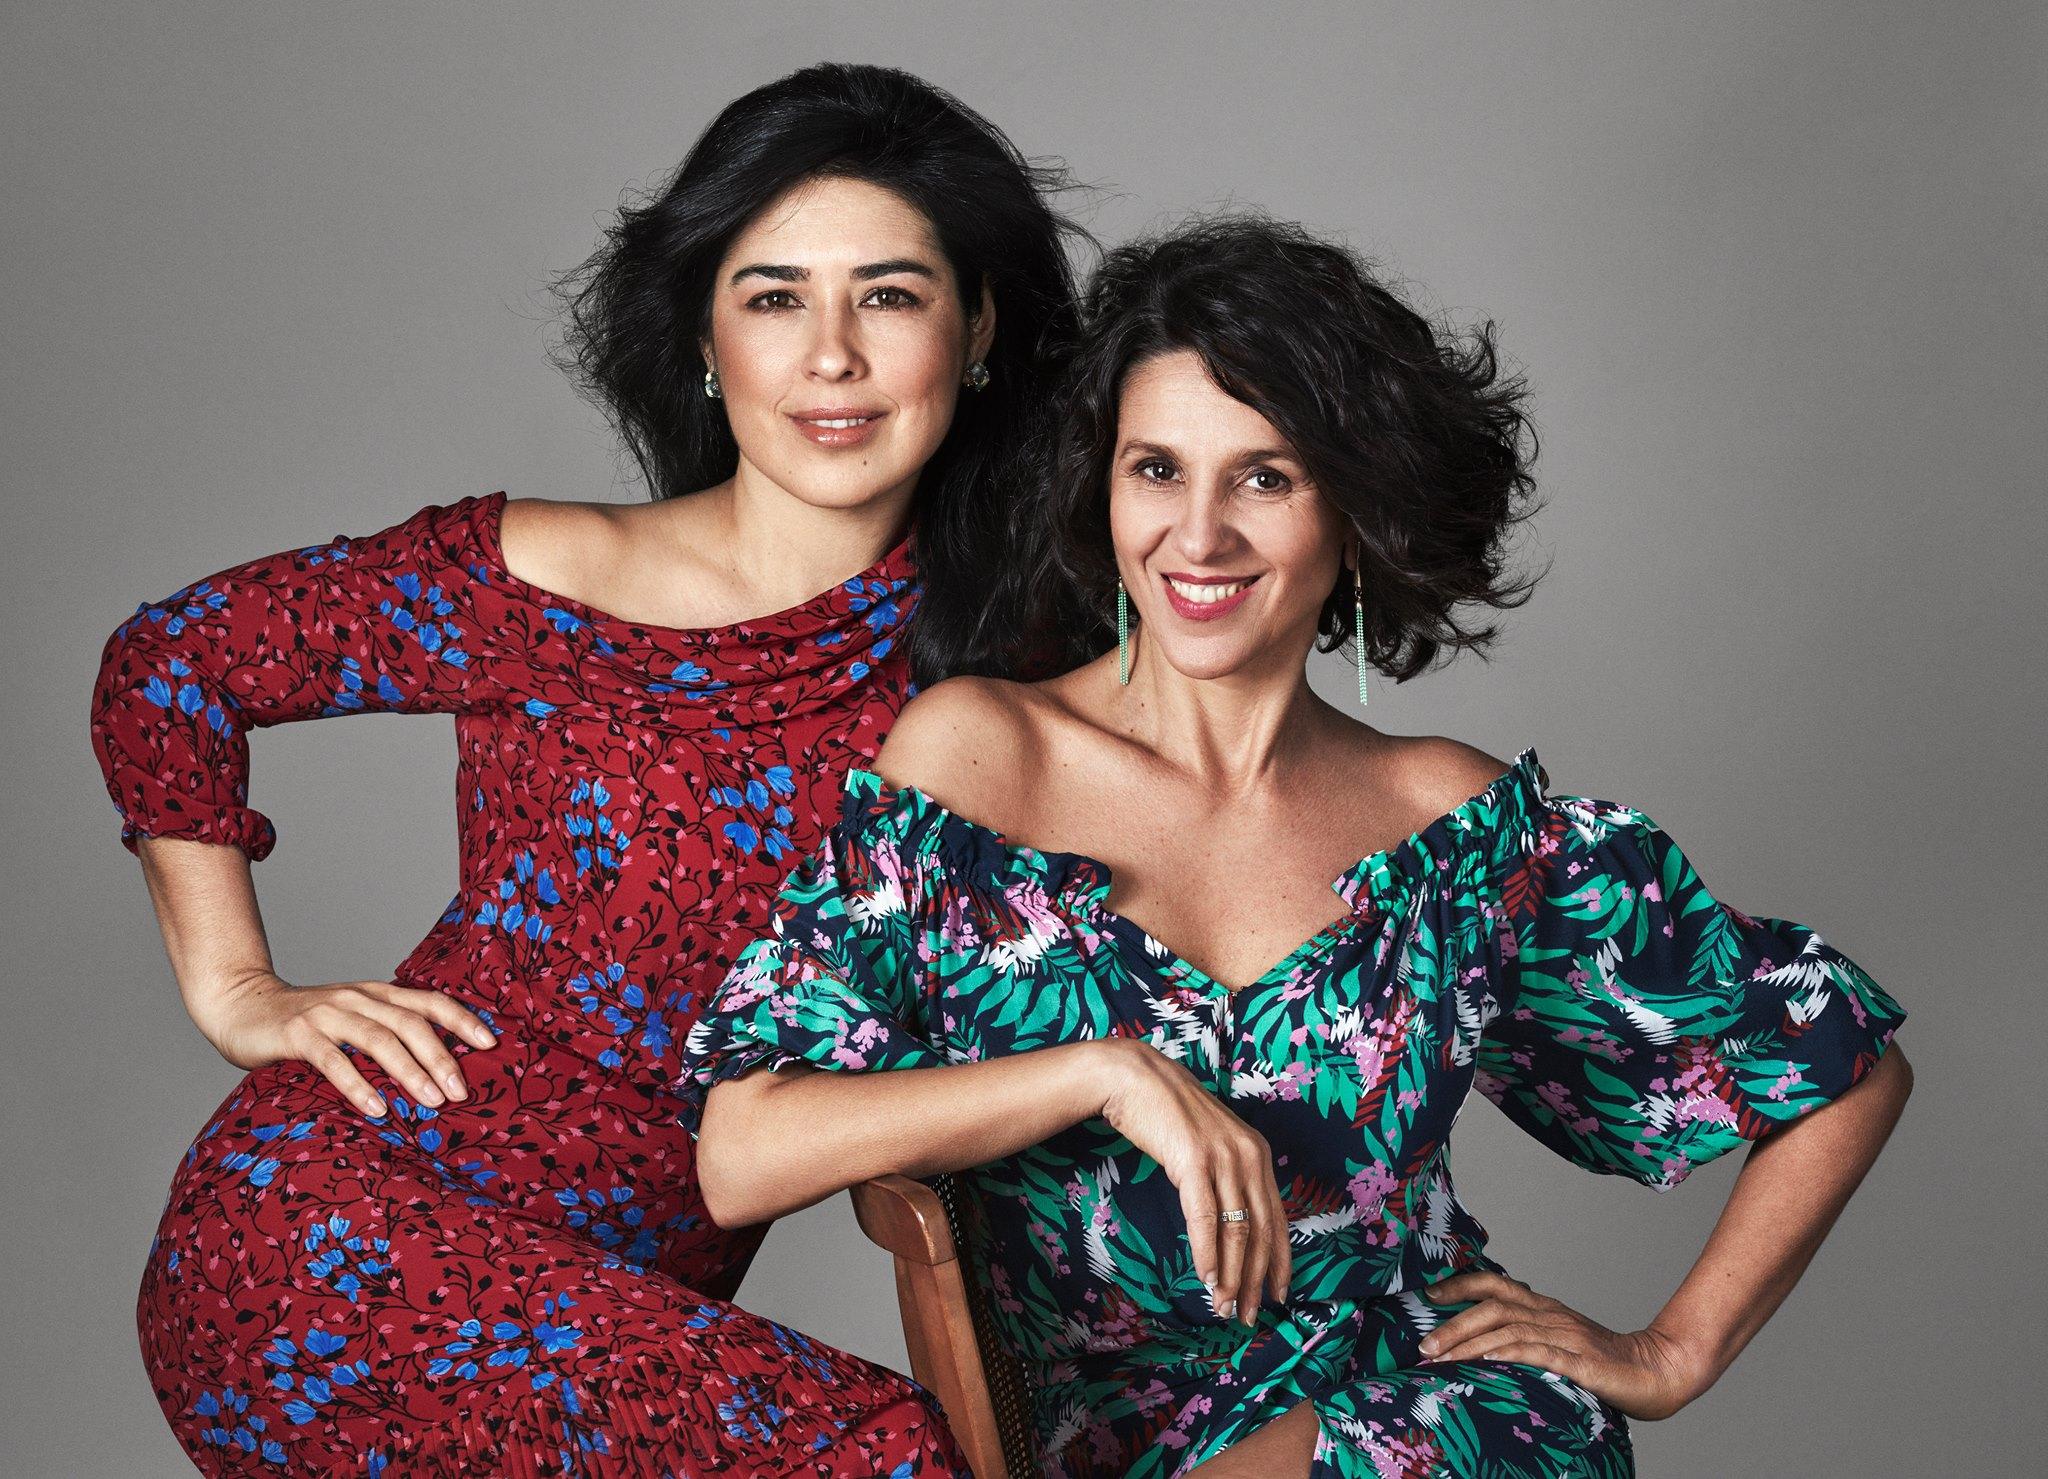 Mariela Franganillo and Carla Marano